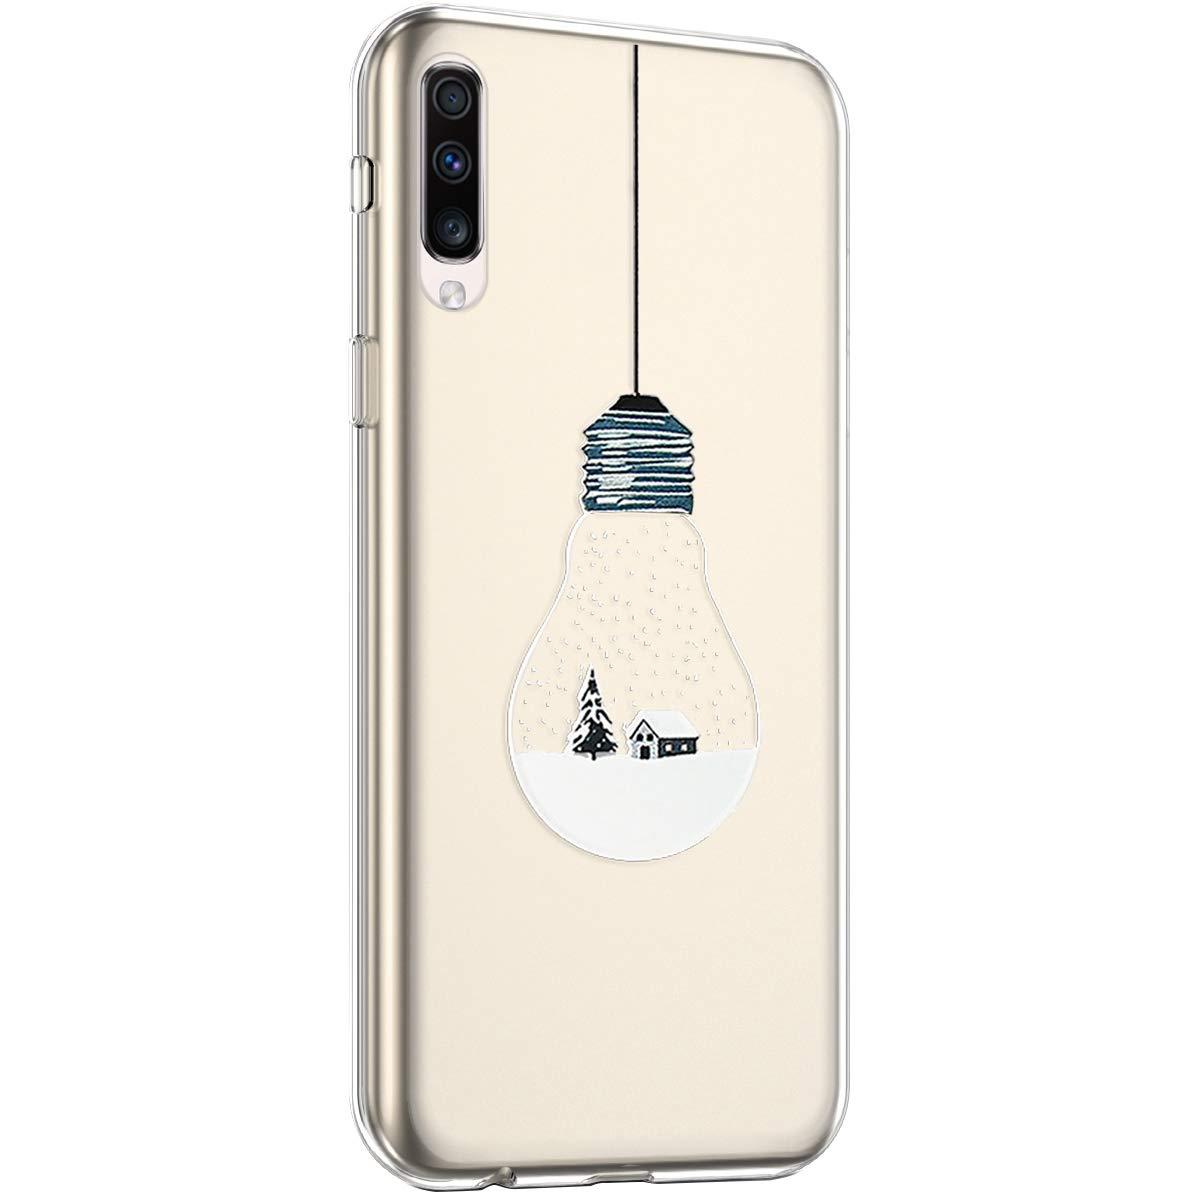 Uposao Kompatibel mit Samsung Galaxy A70 H/ülle Silikon Transparent Schutzh/ülle Schneeflocken Xmas Handyh/ülle mit Weihnachten Muster Motiv Durchsichtig Tasche Case,Weihnachten Hirsch